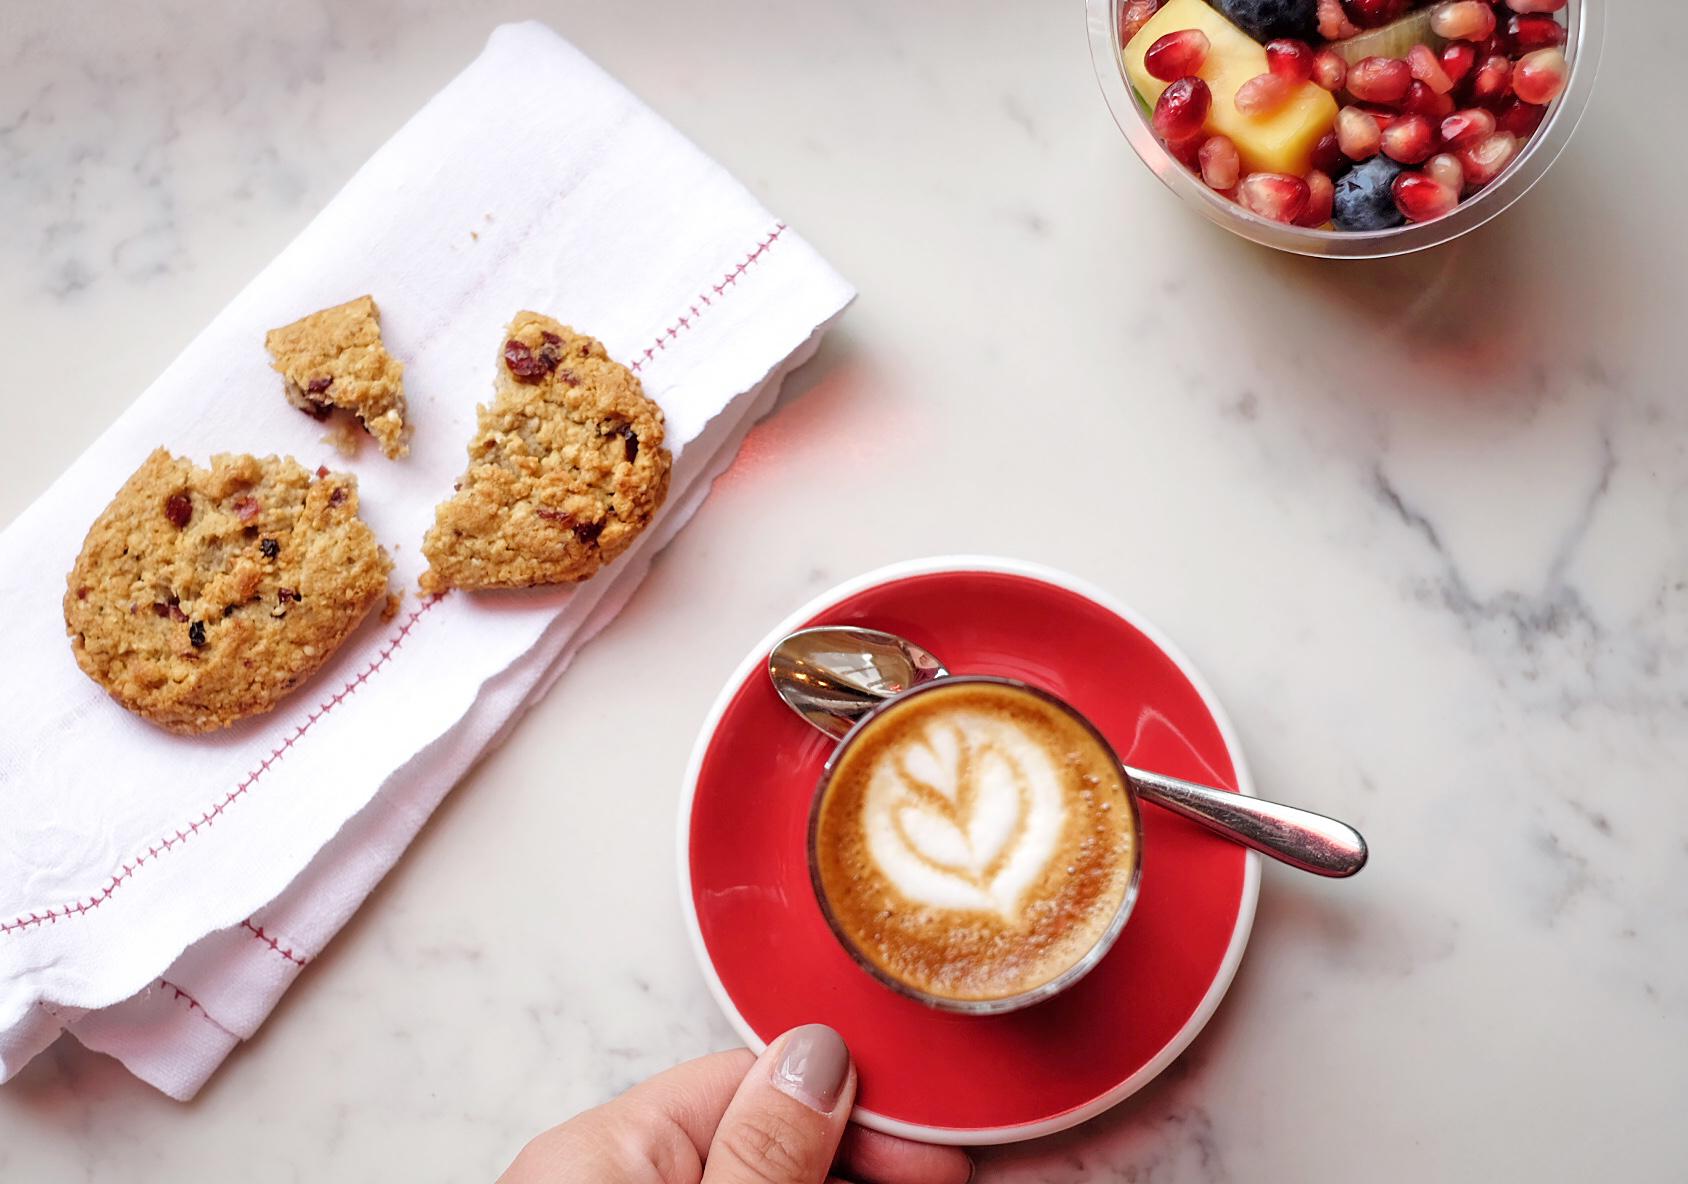 Cortado coffee at London Grind